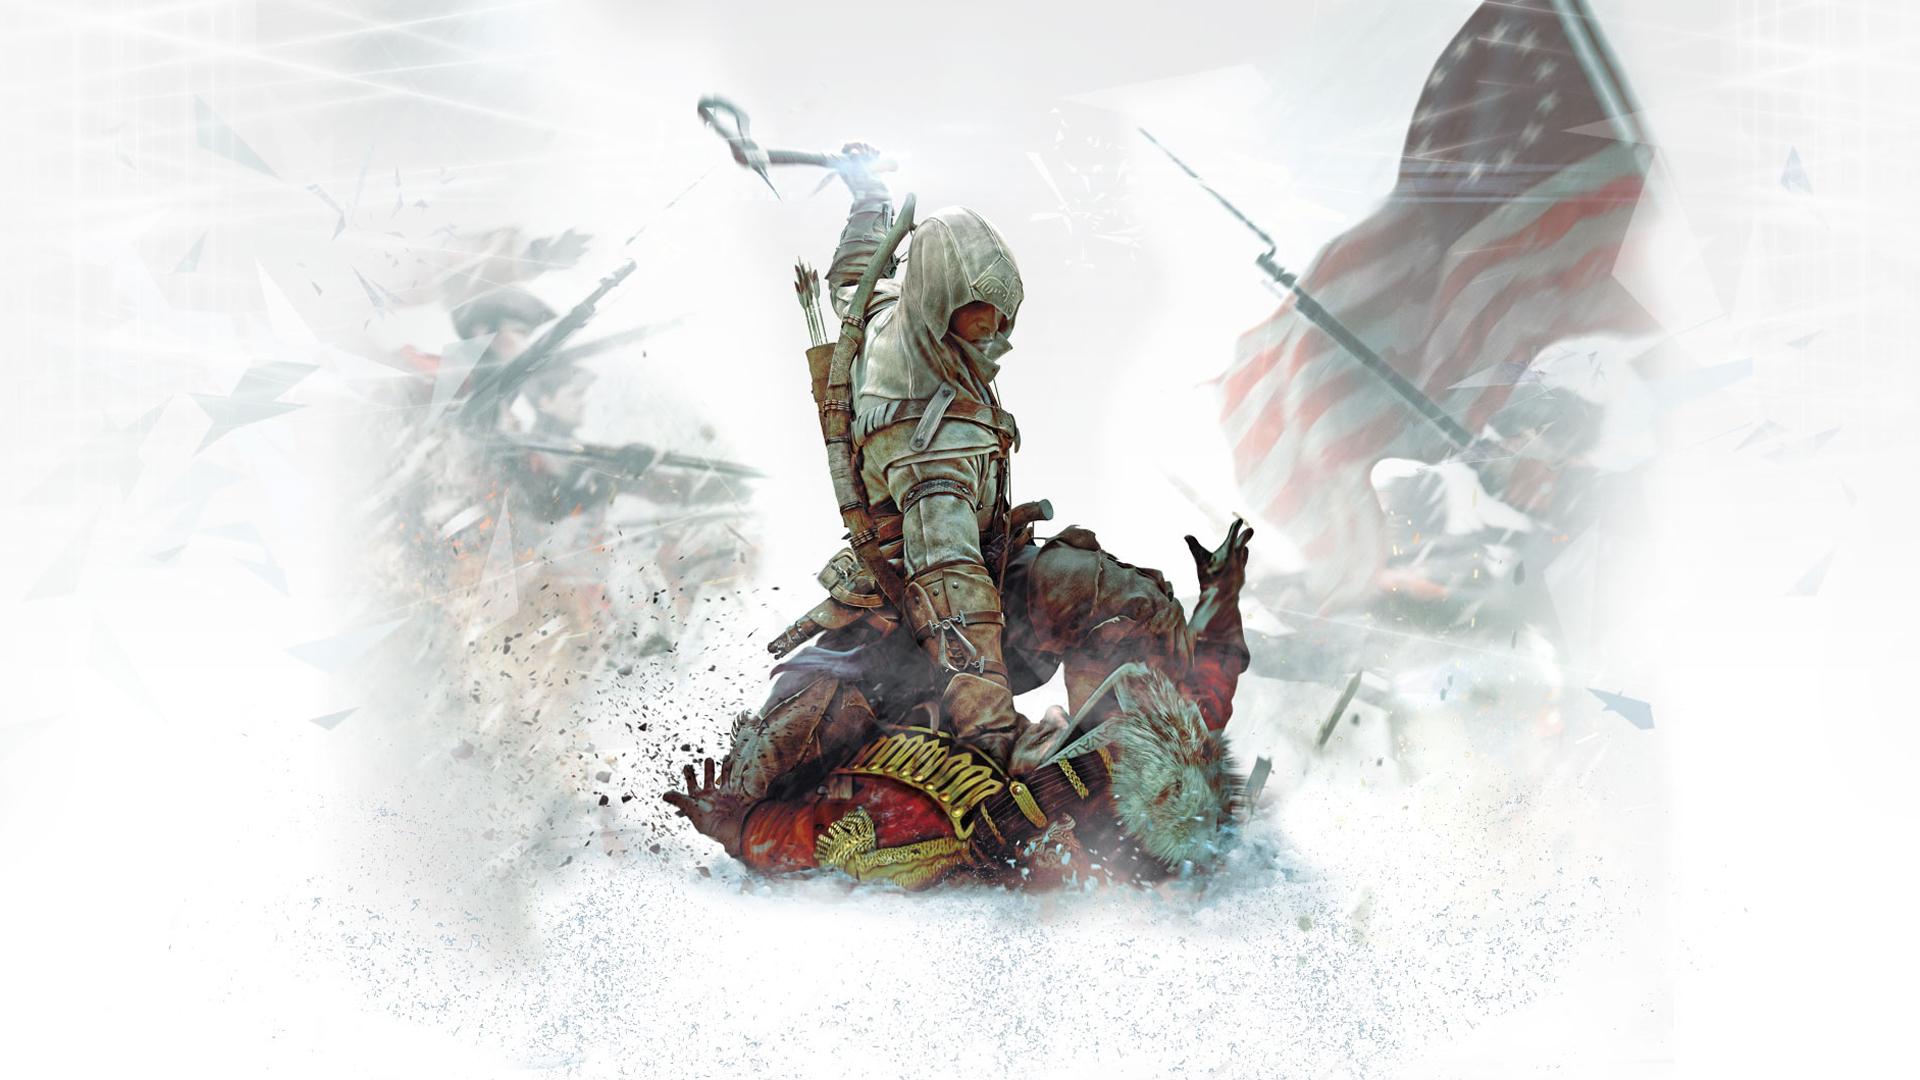 15797 скачать обои Игры, Кредо Убийцы (Assassin's Creed) - заставки и картинки бесплатно